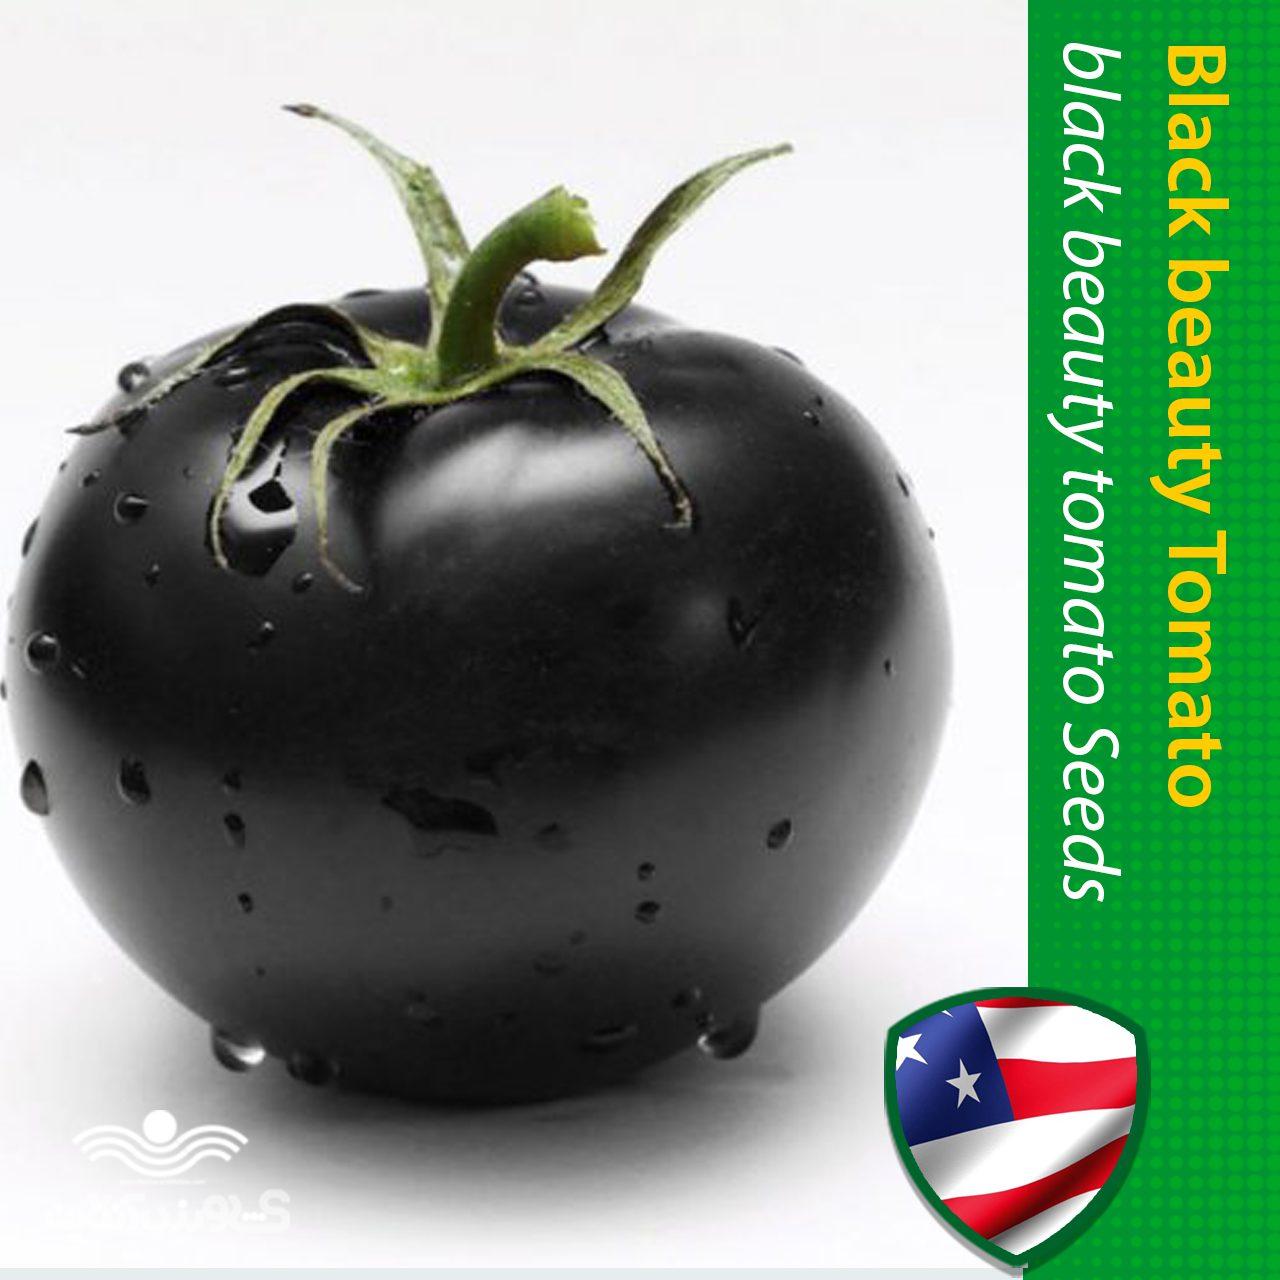 بذر گوجه بلک بیوتی آمریکایی